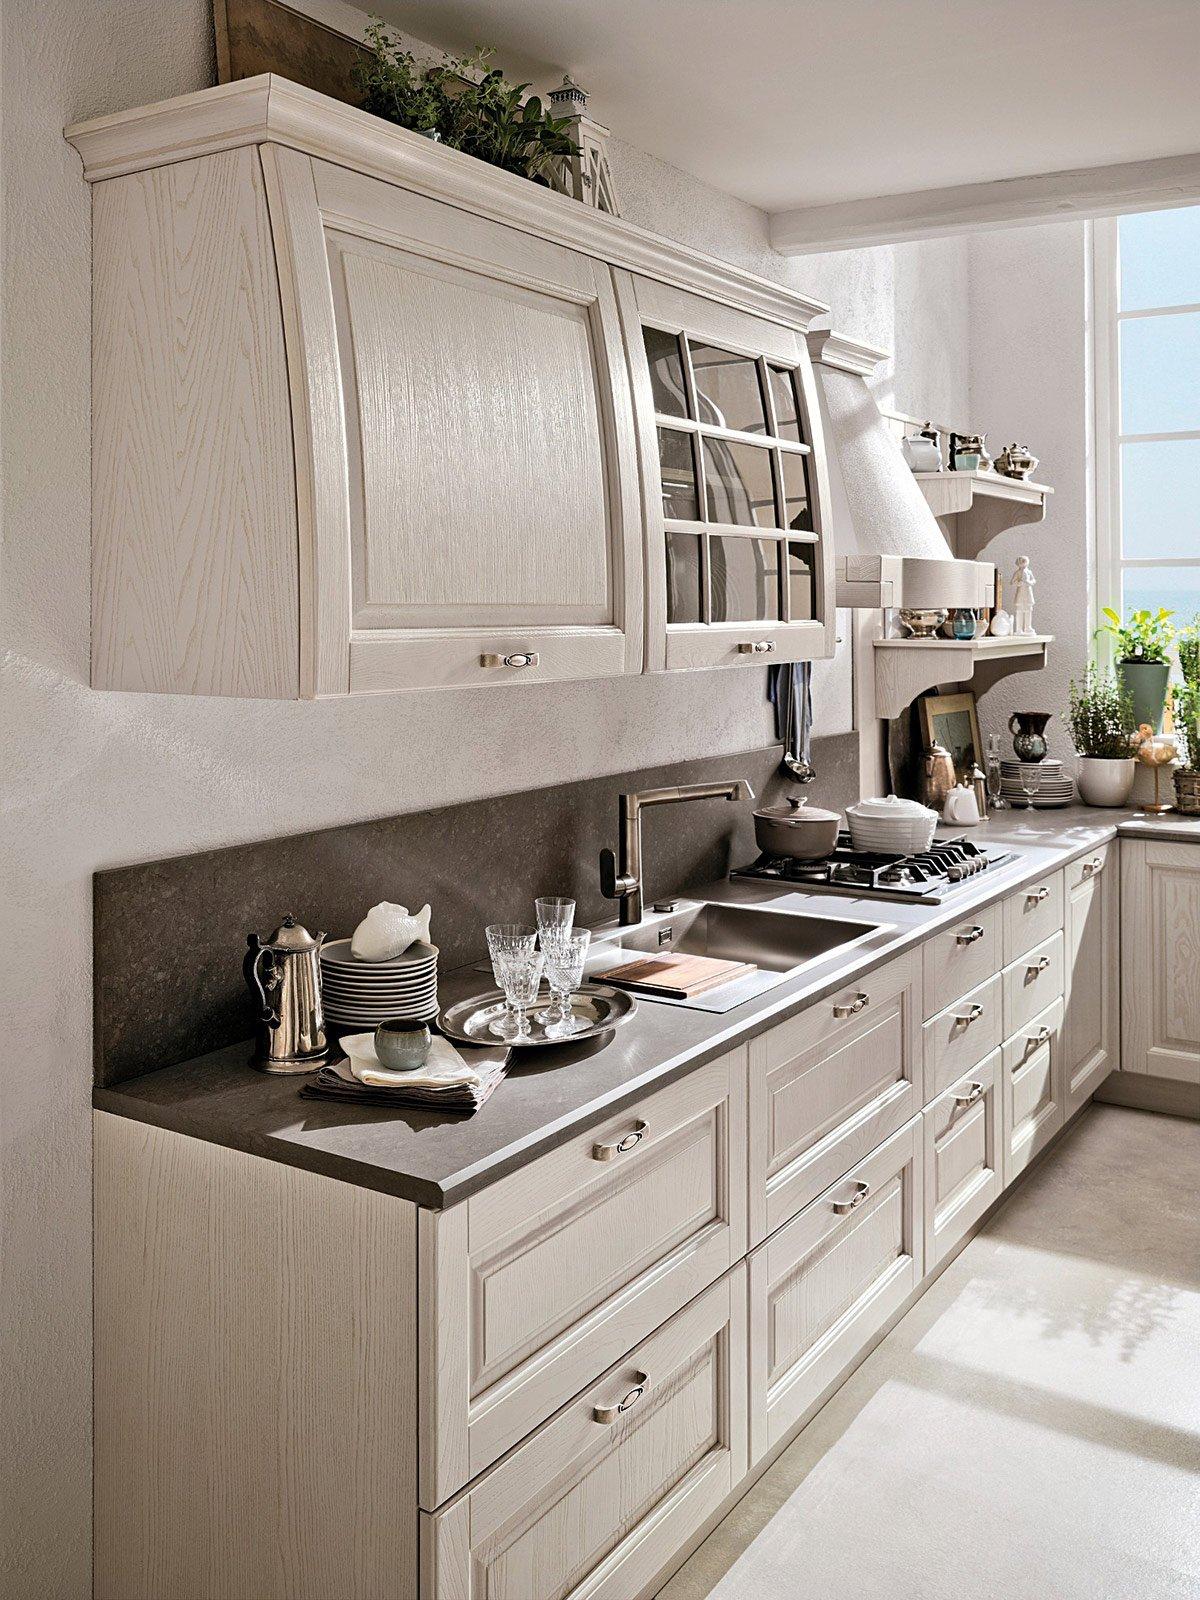 Cucine country stile tradizionale o new classic cose di for Piani di casa in stile isolano